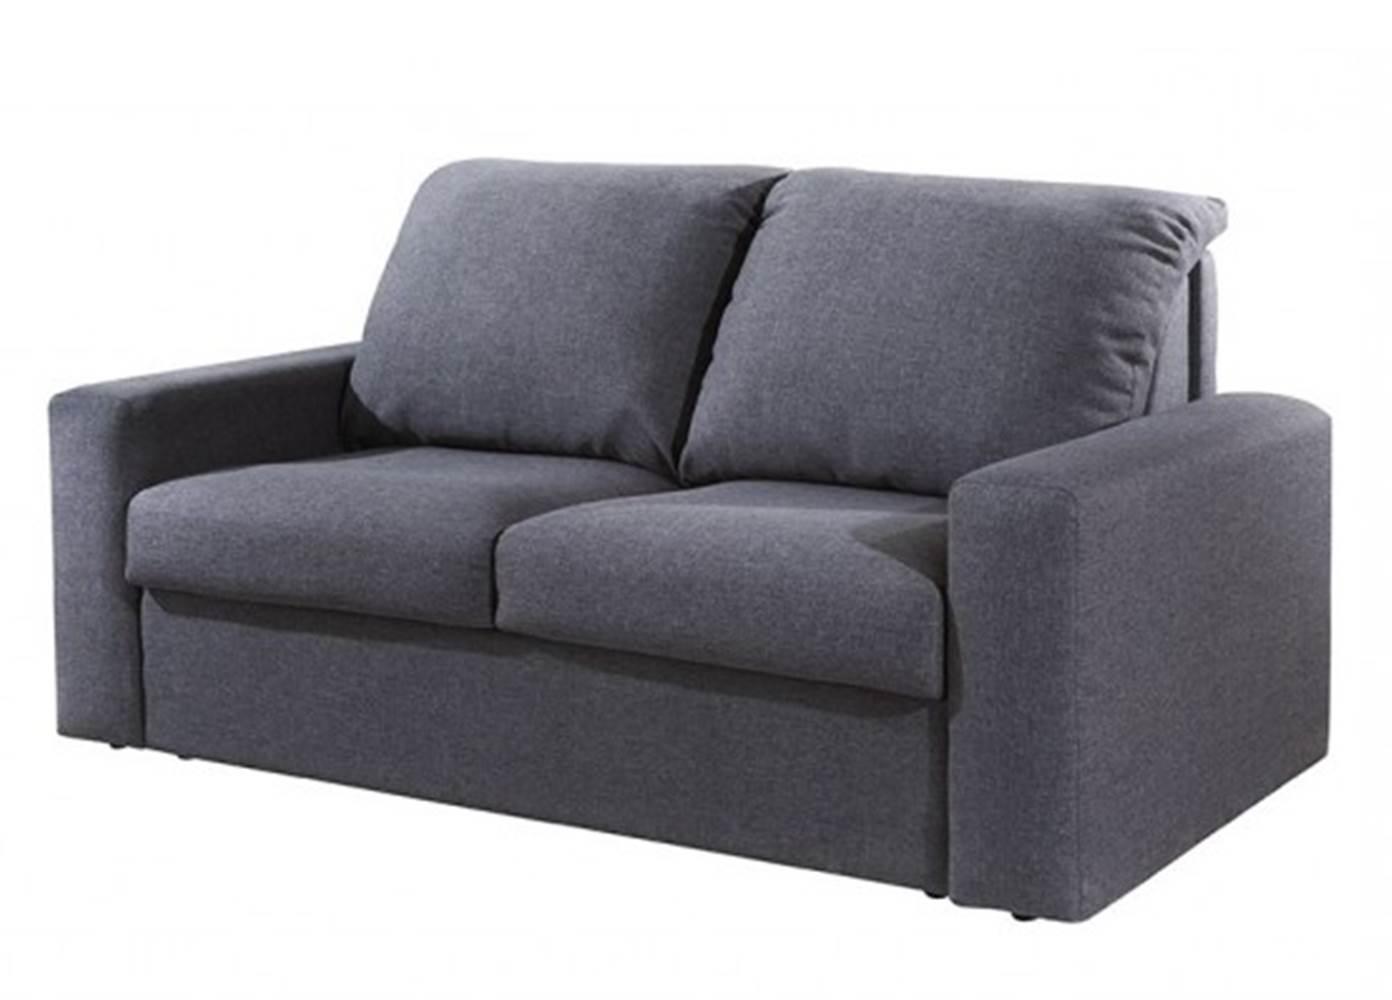 Sofa Cama Colchao de Mola Cinza - 23257 Sun House